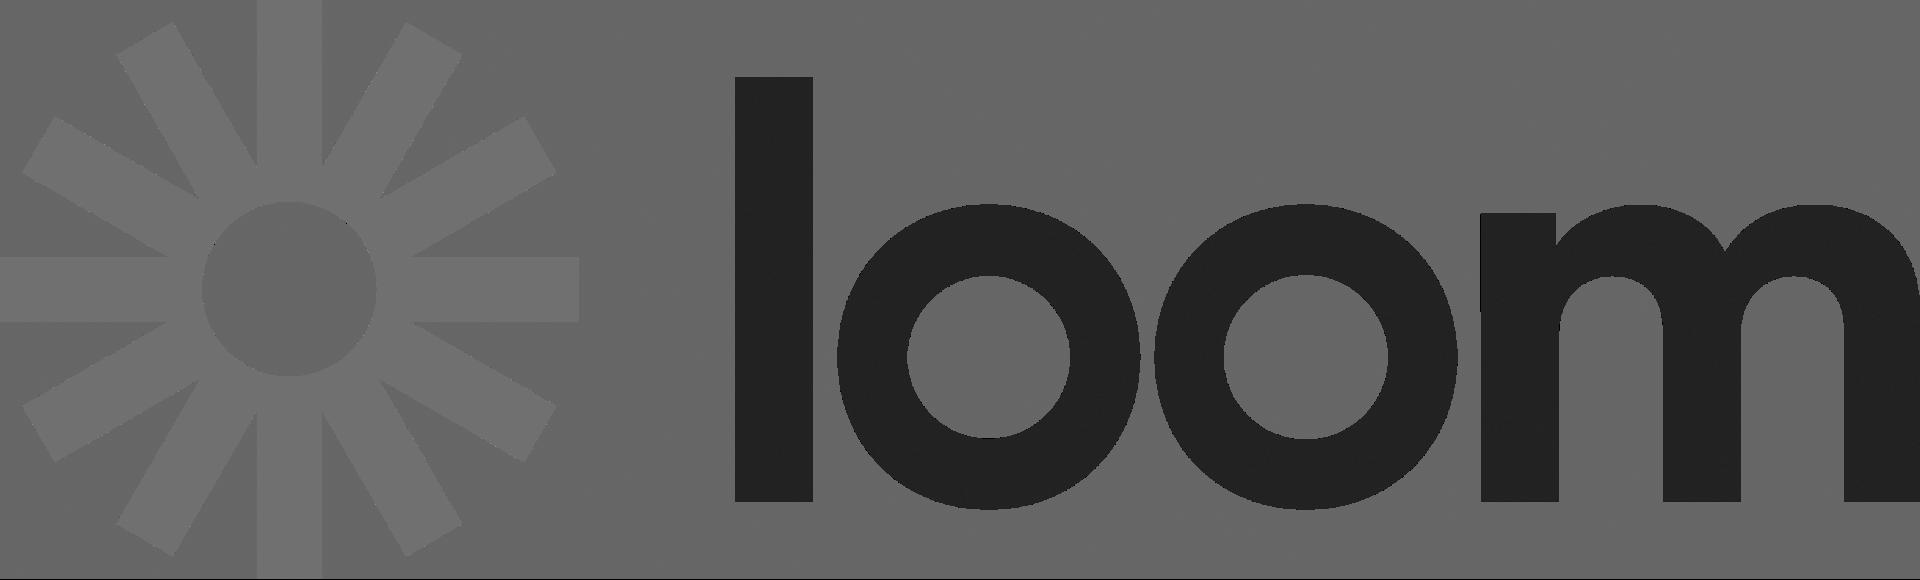 Loom app logo